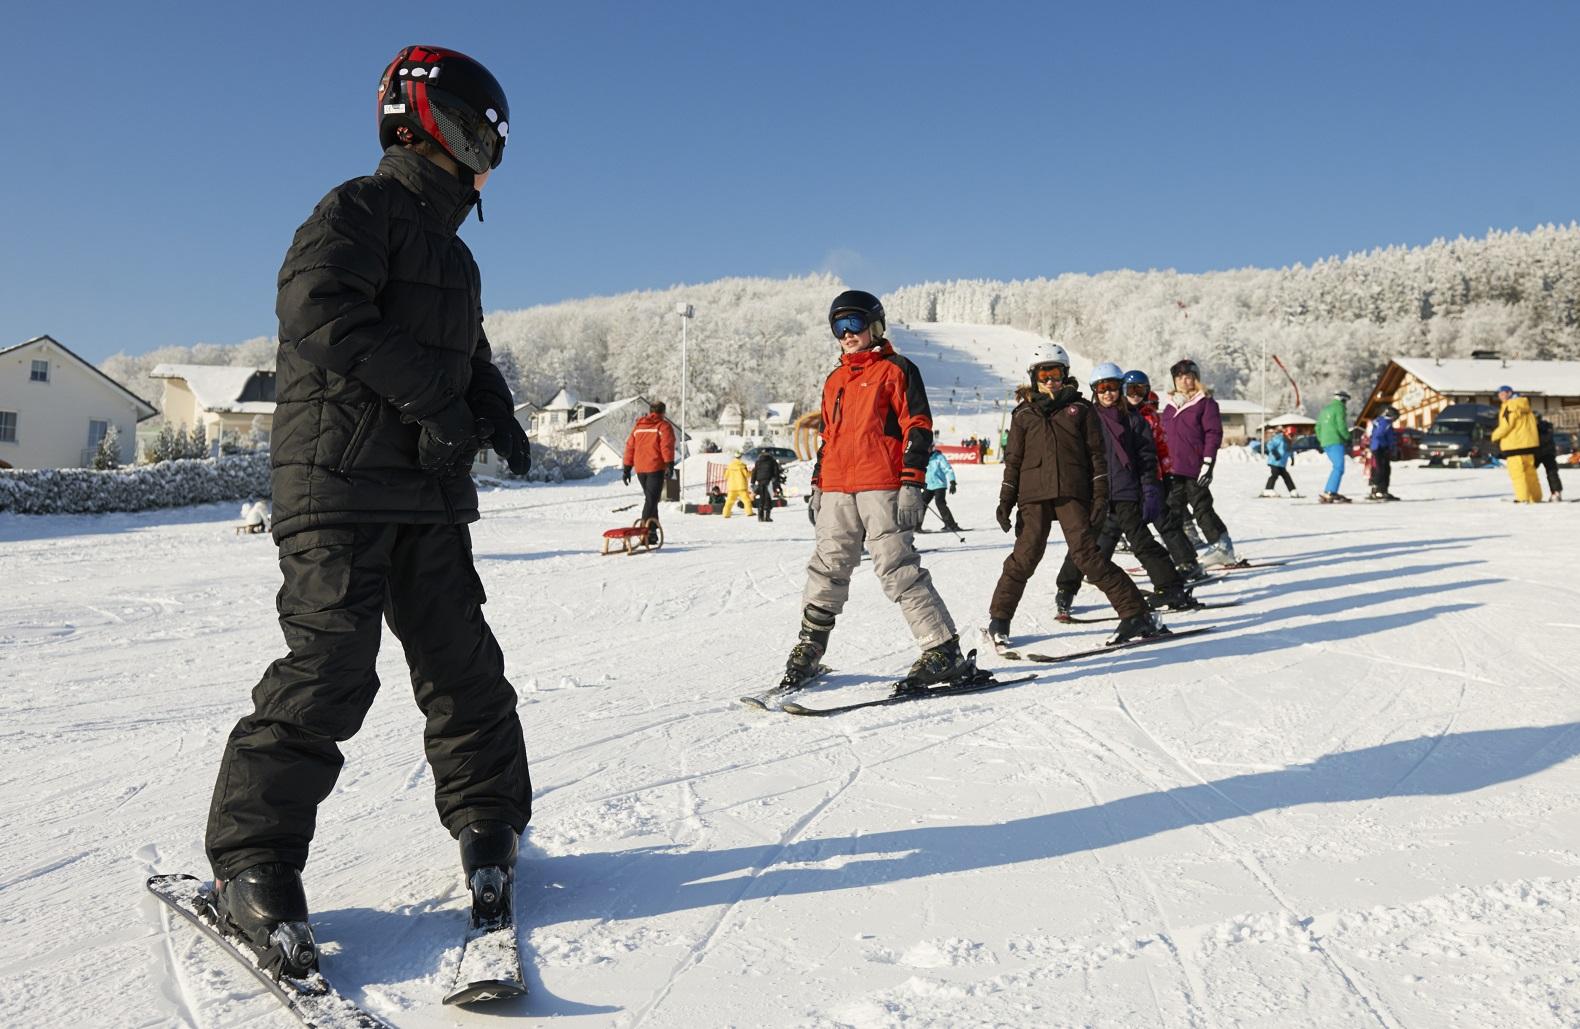 Skischule willingen skifahren lernen für kinder skikurse